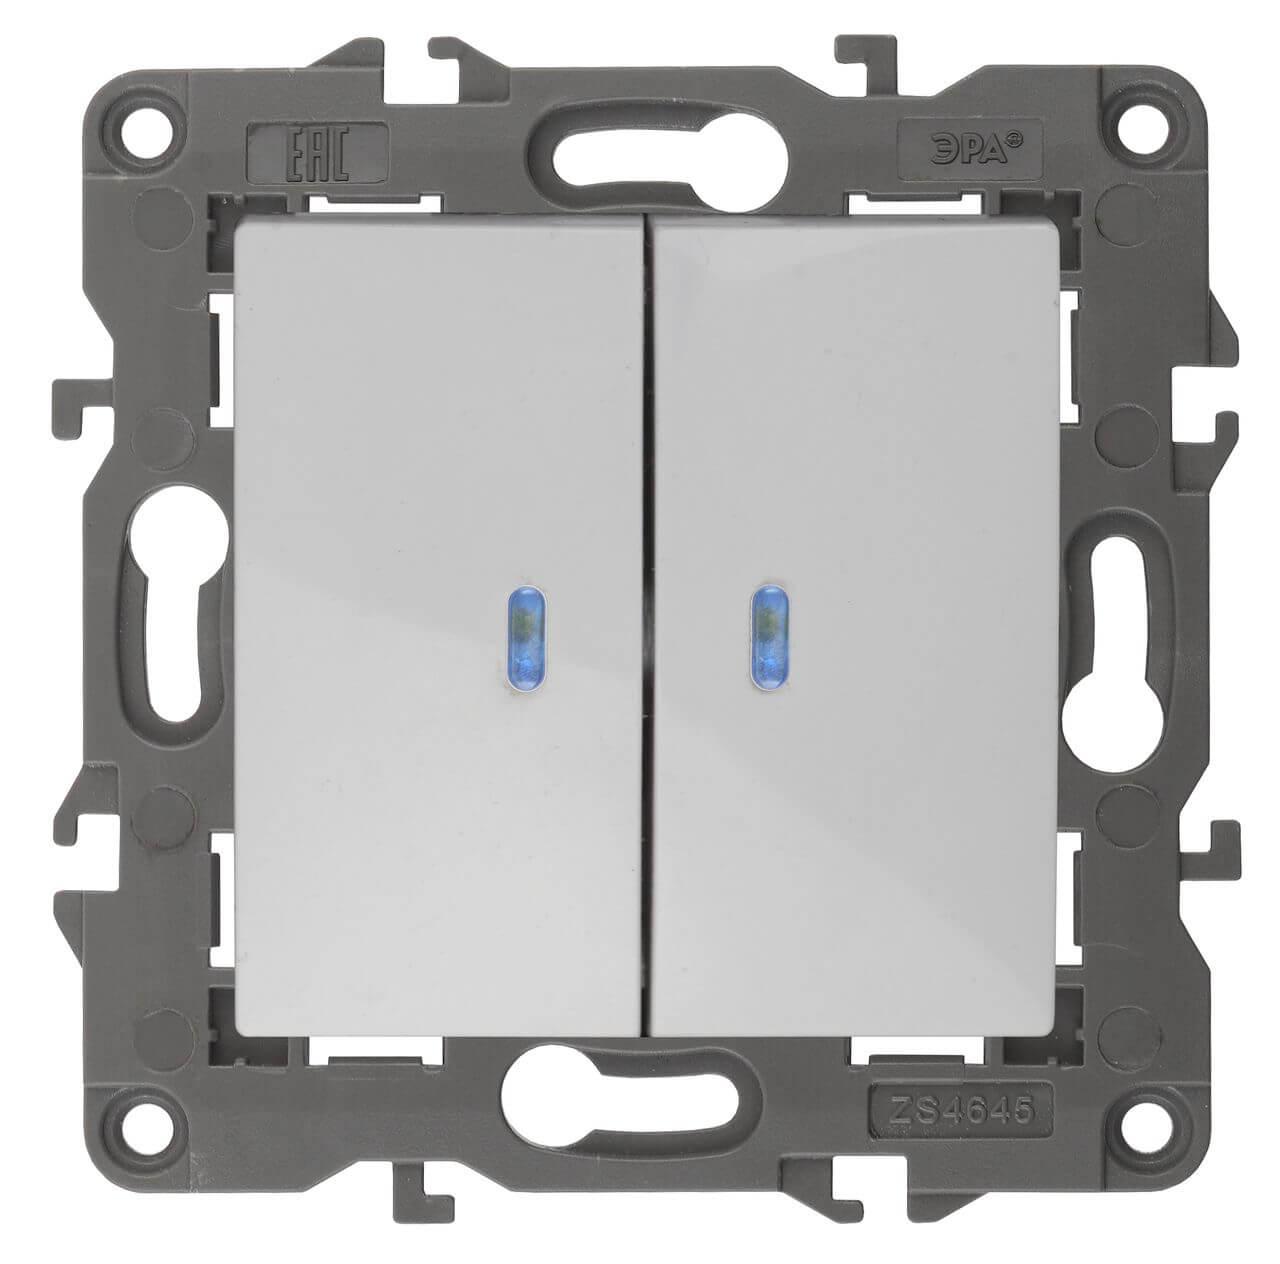 Выключатель двухклавишный с подсветкой ЭРА Elegance 10AX 250V 14-1105-01 цены